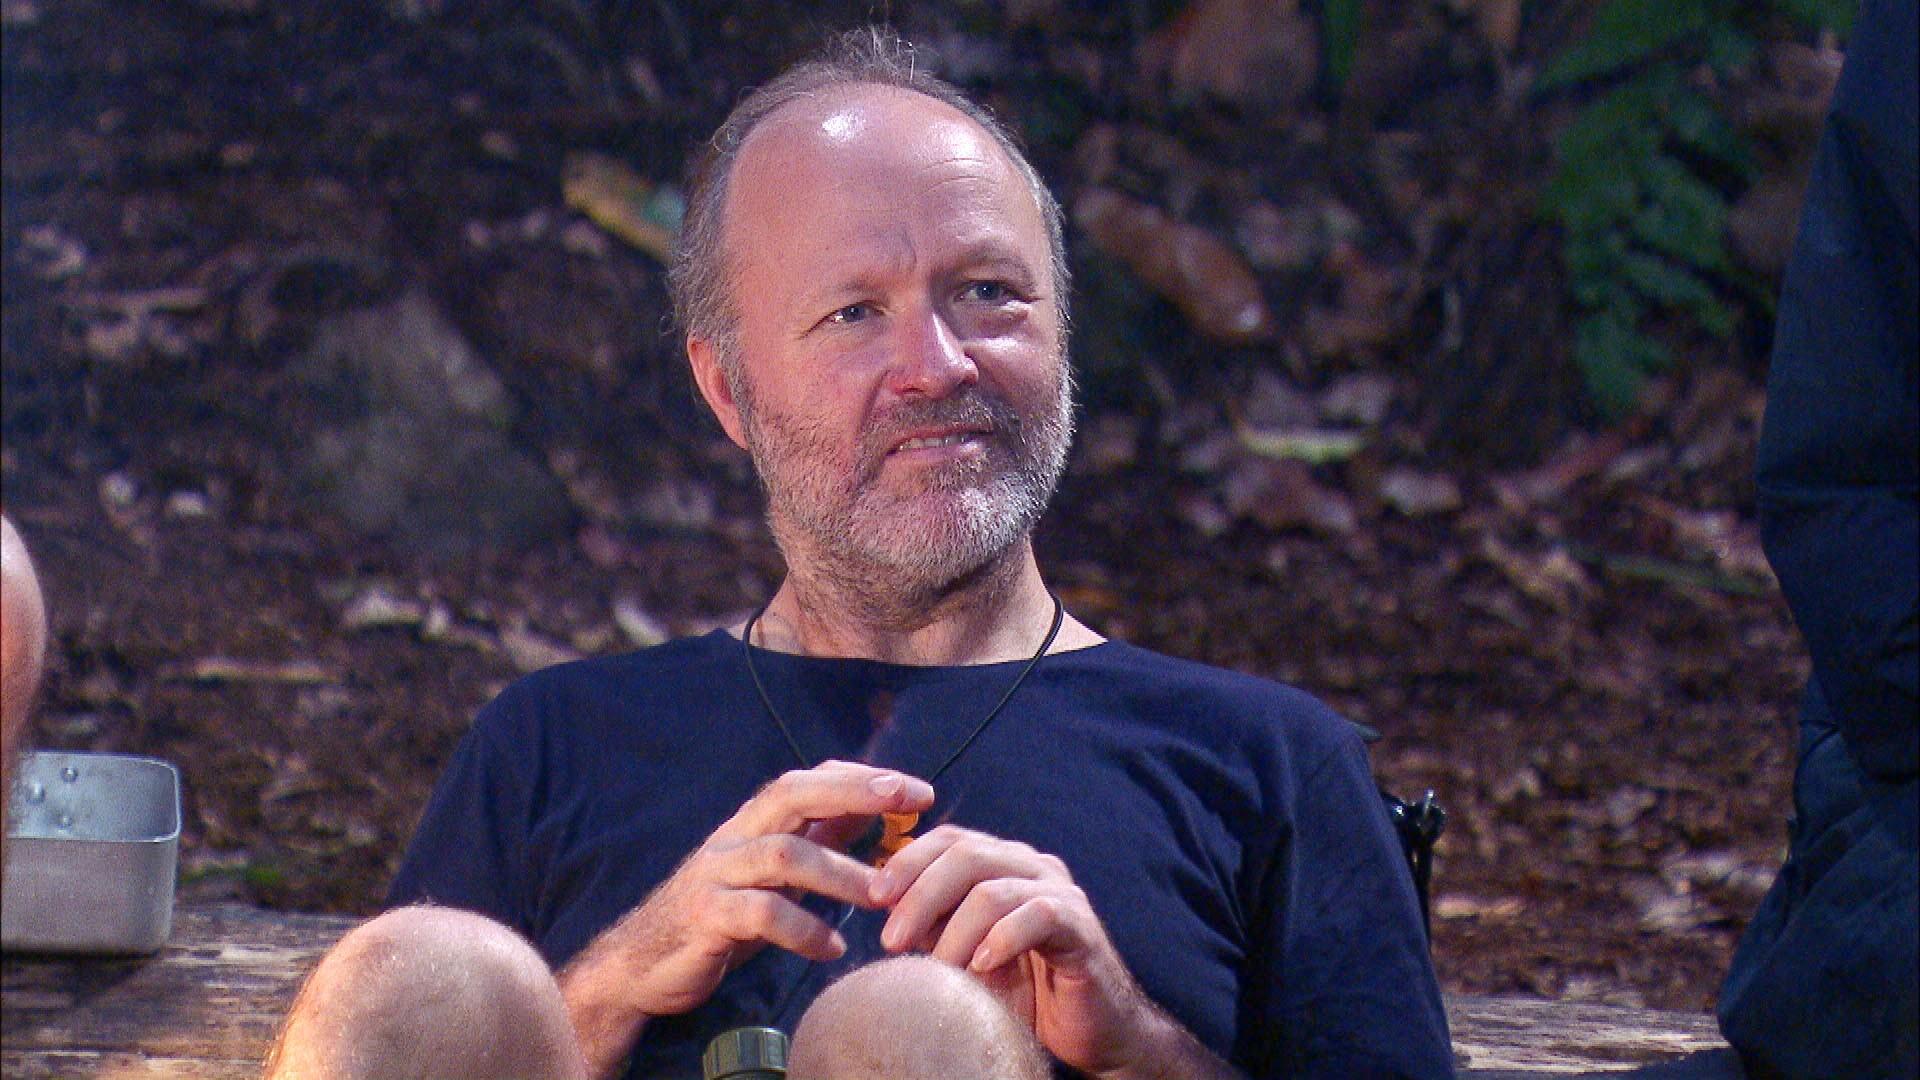 Markus Reinecke Geburtstag